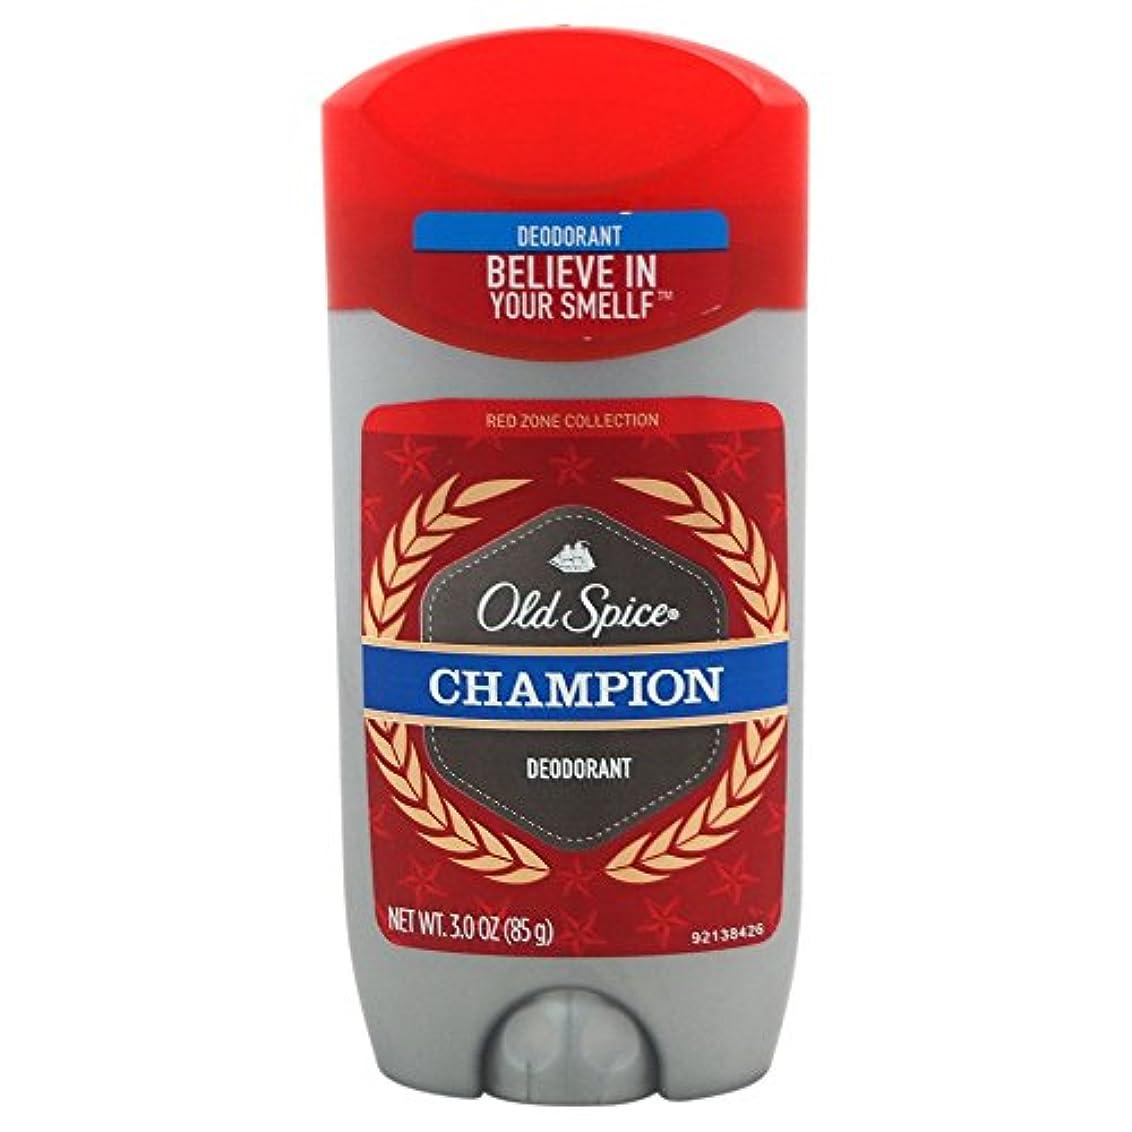 第四推定するアイロニーオールドスパイス(Old Spice) Deodorant デオドラント Red zone CHAMPION/チャンピョン 85g[並行輸入品]